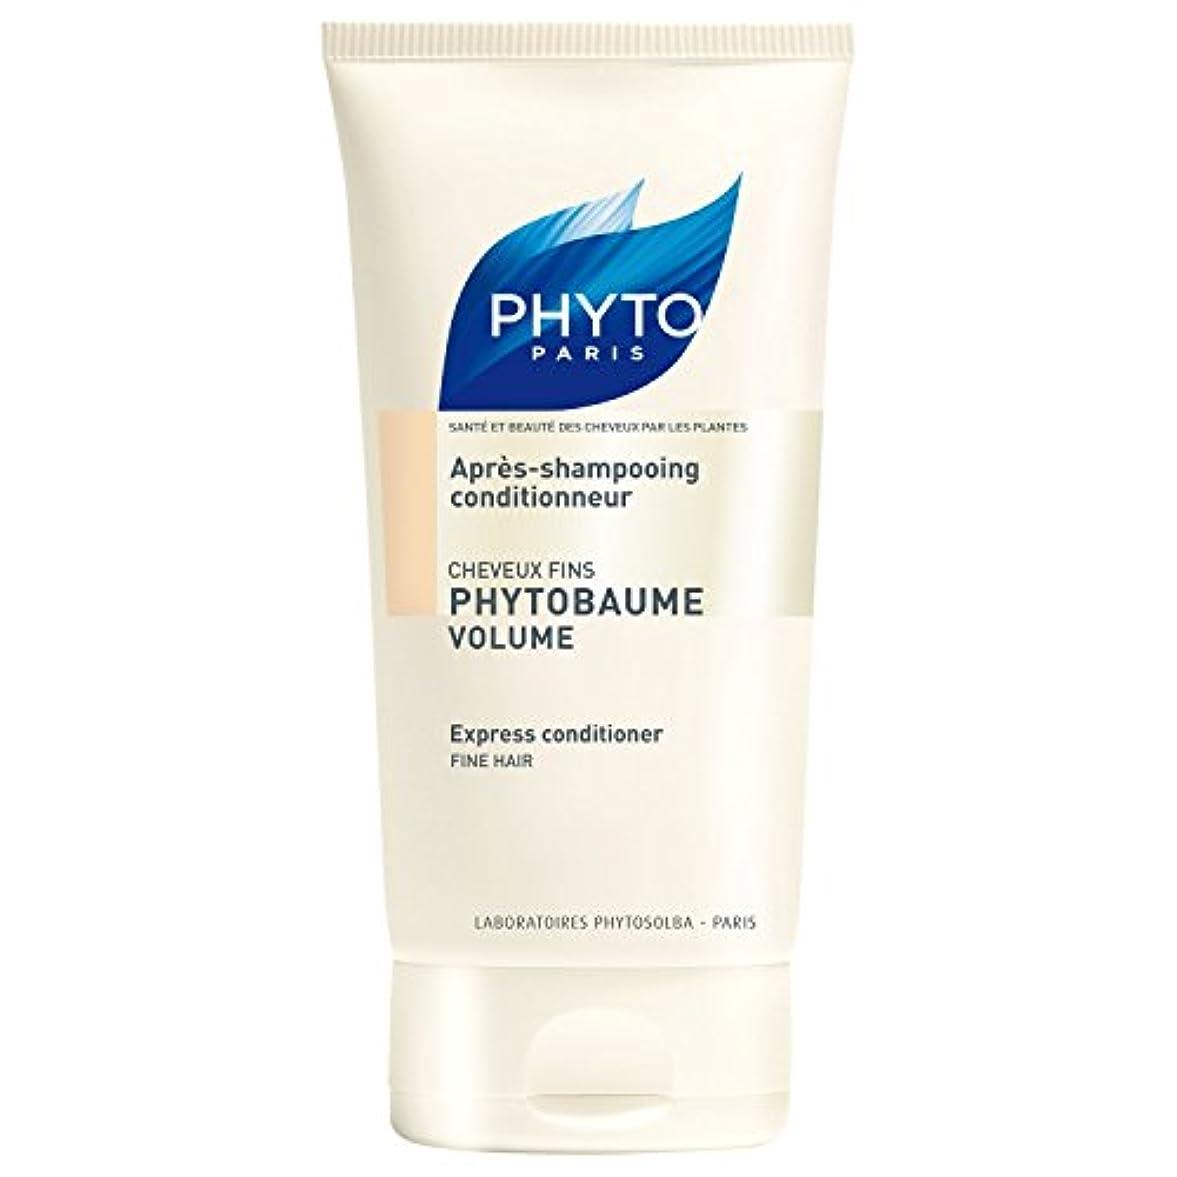 合併おもてなしバッフル細い髪の150ミリリットルのためのフィトPhytobaumeボリュームエクスプレスコンディショナー (Phyto) (x6) - Phyto Phytobaume Volume Express Conditioner for...